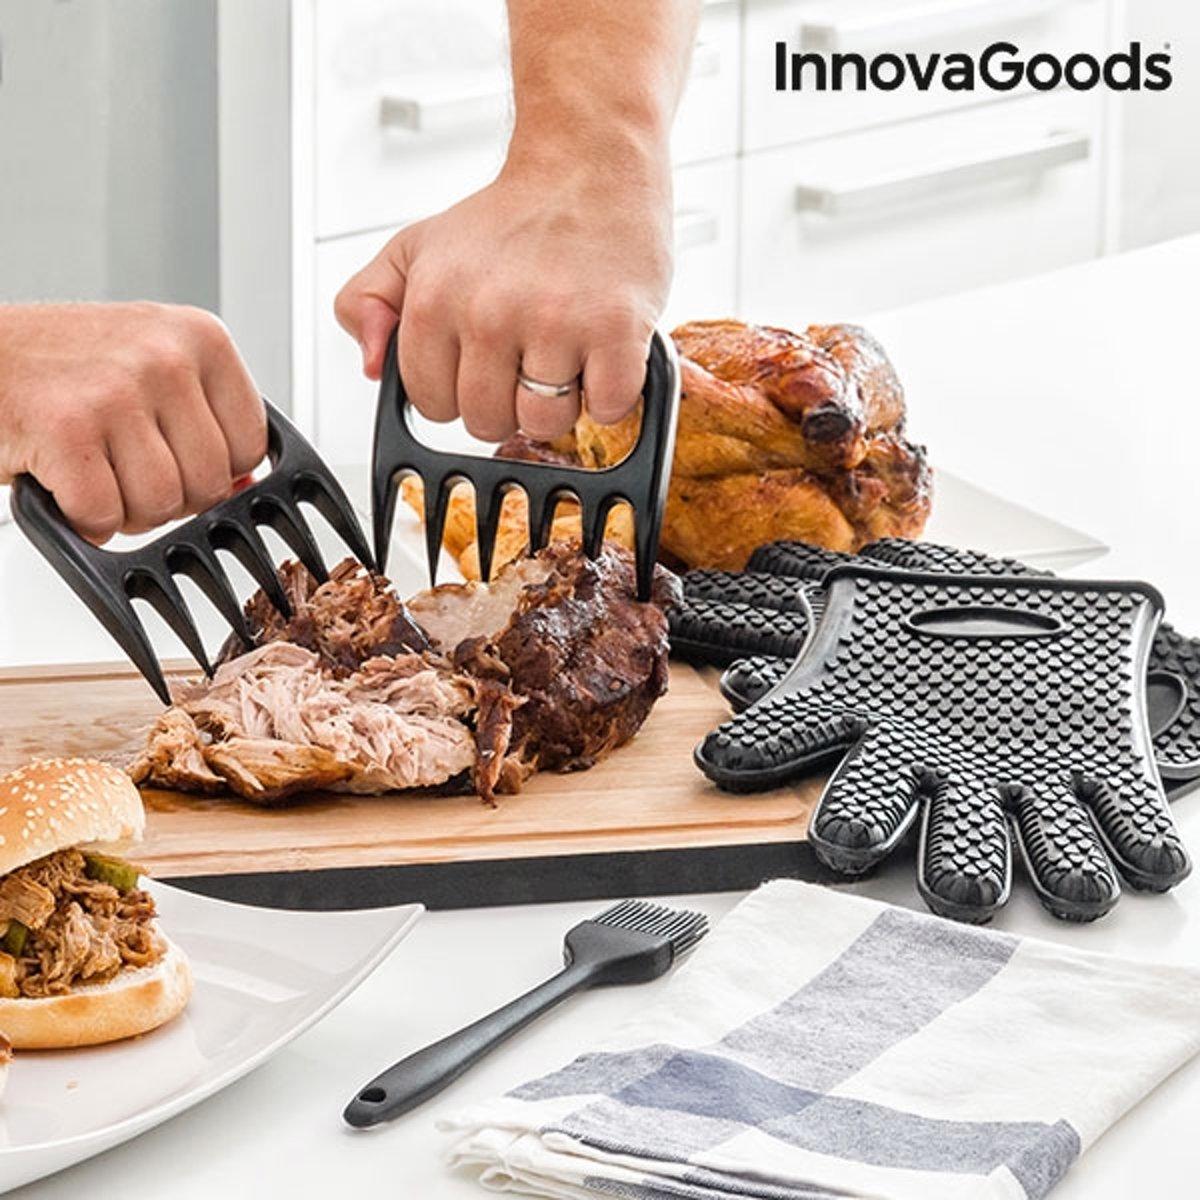 InnovaGoods Kitchen Foodies Vleesklauwen met Handschoenen en Borstel kopen